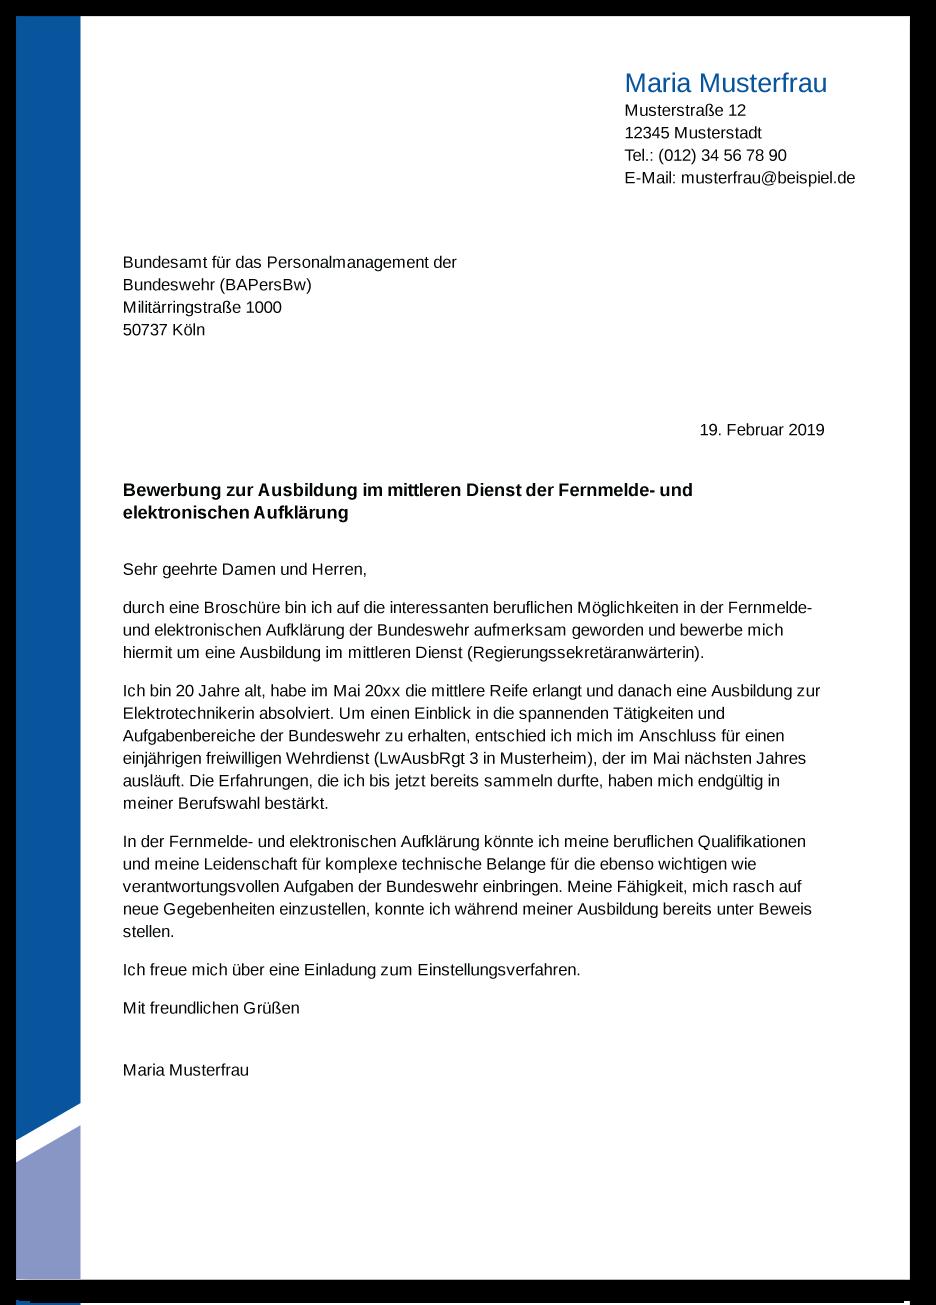 Die Bewerbung Zur Ausbildung Bundeswehr Ausbildungspark